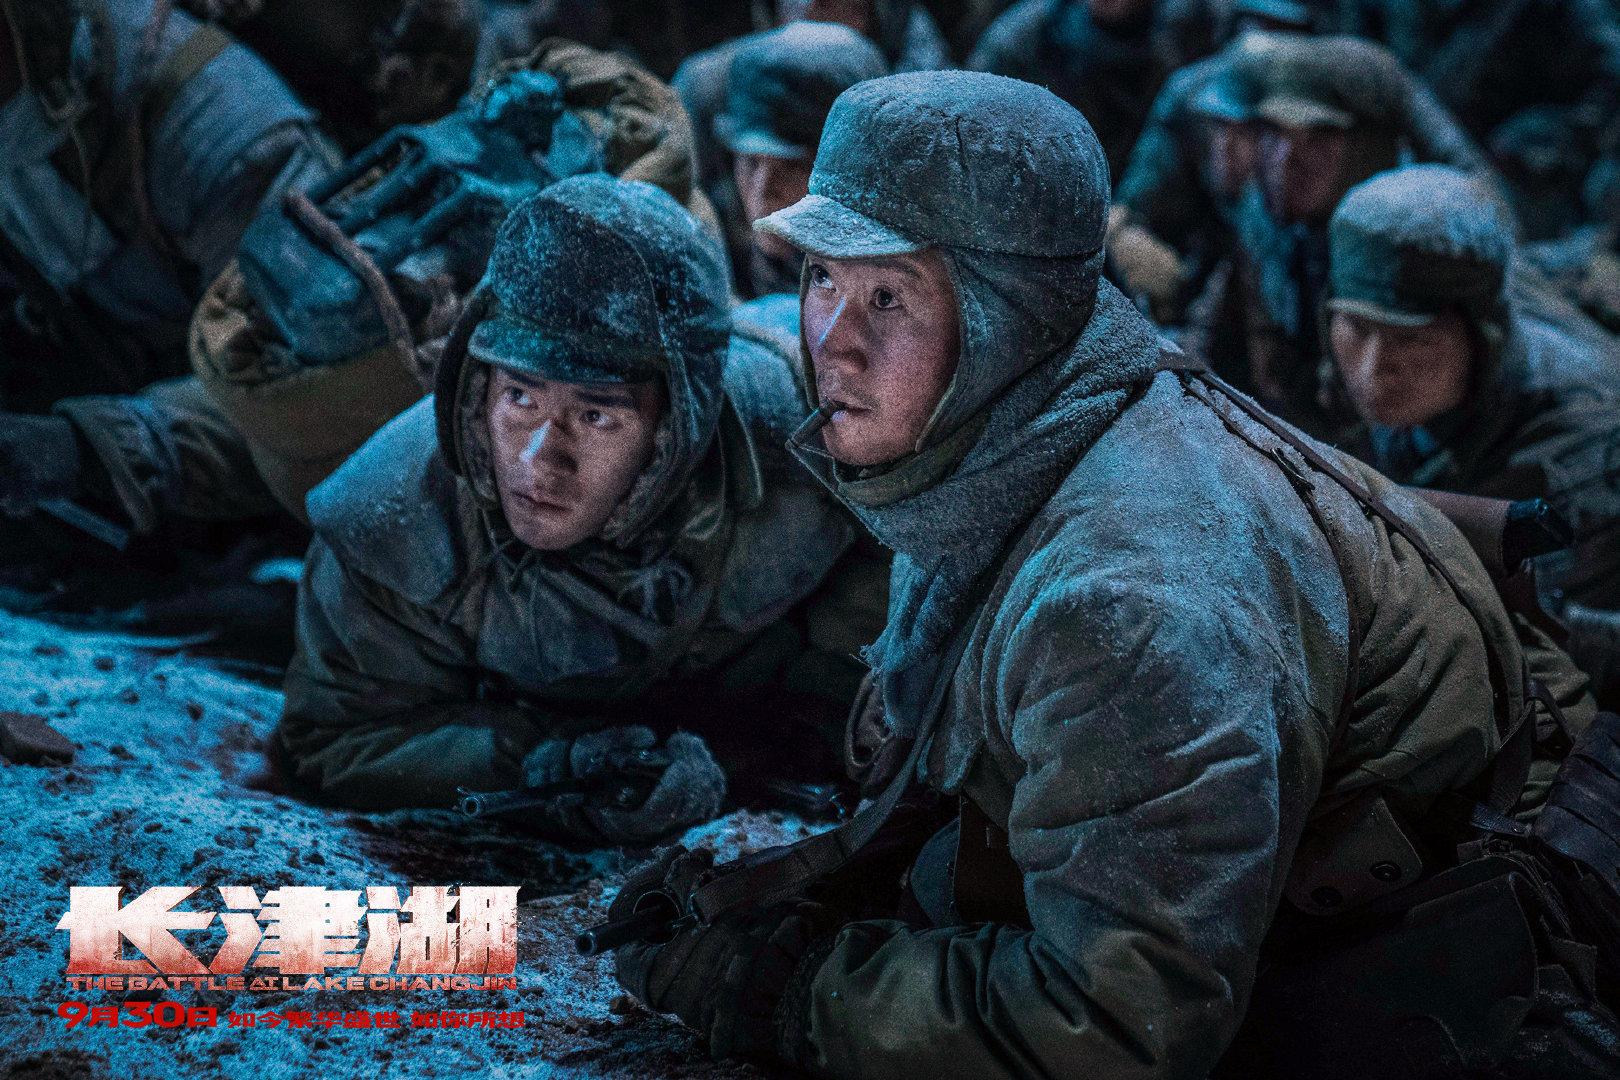 《长津湖》票房超《哪吒》时有谁注意饺子导演祝福?熟悉的仪式感